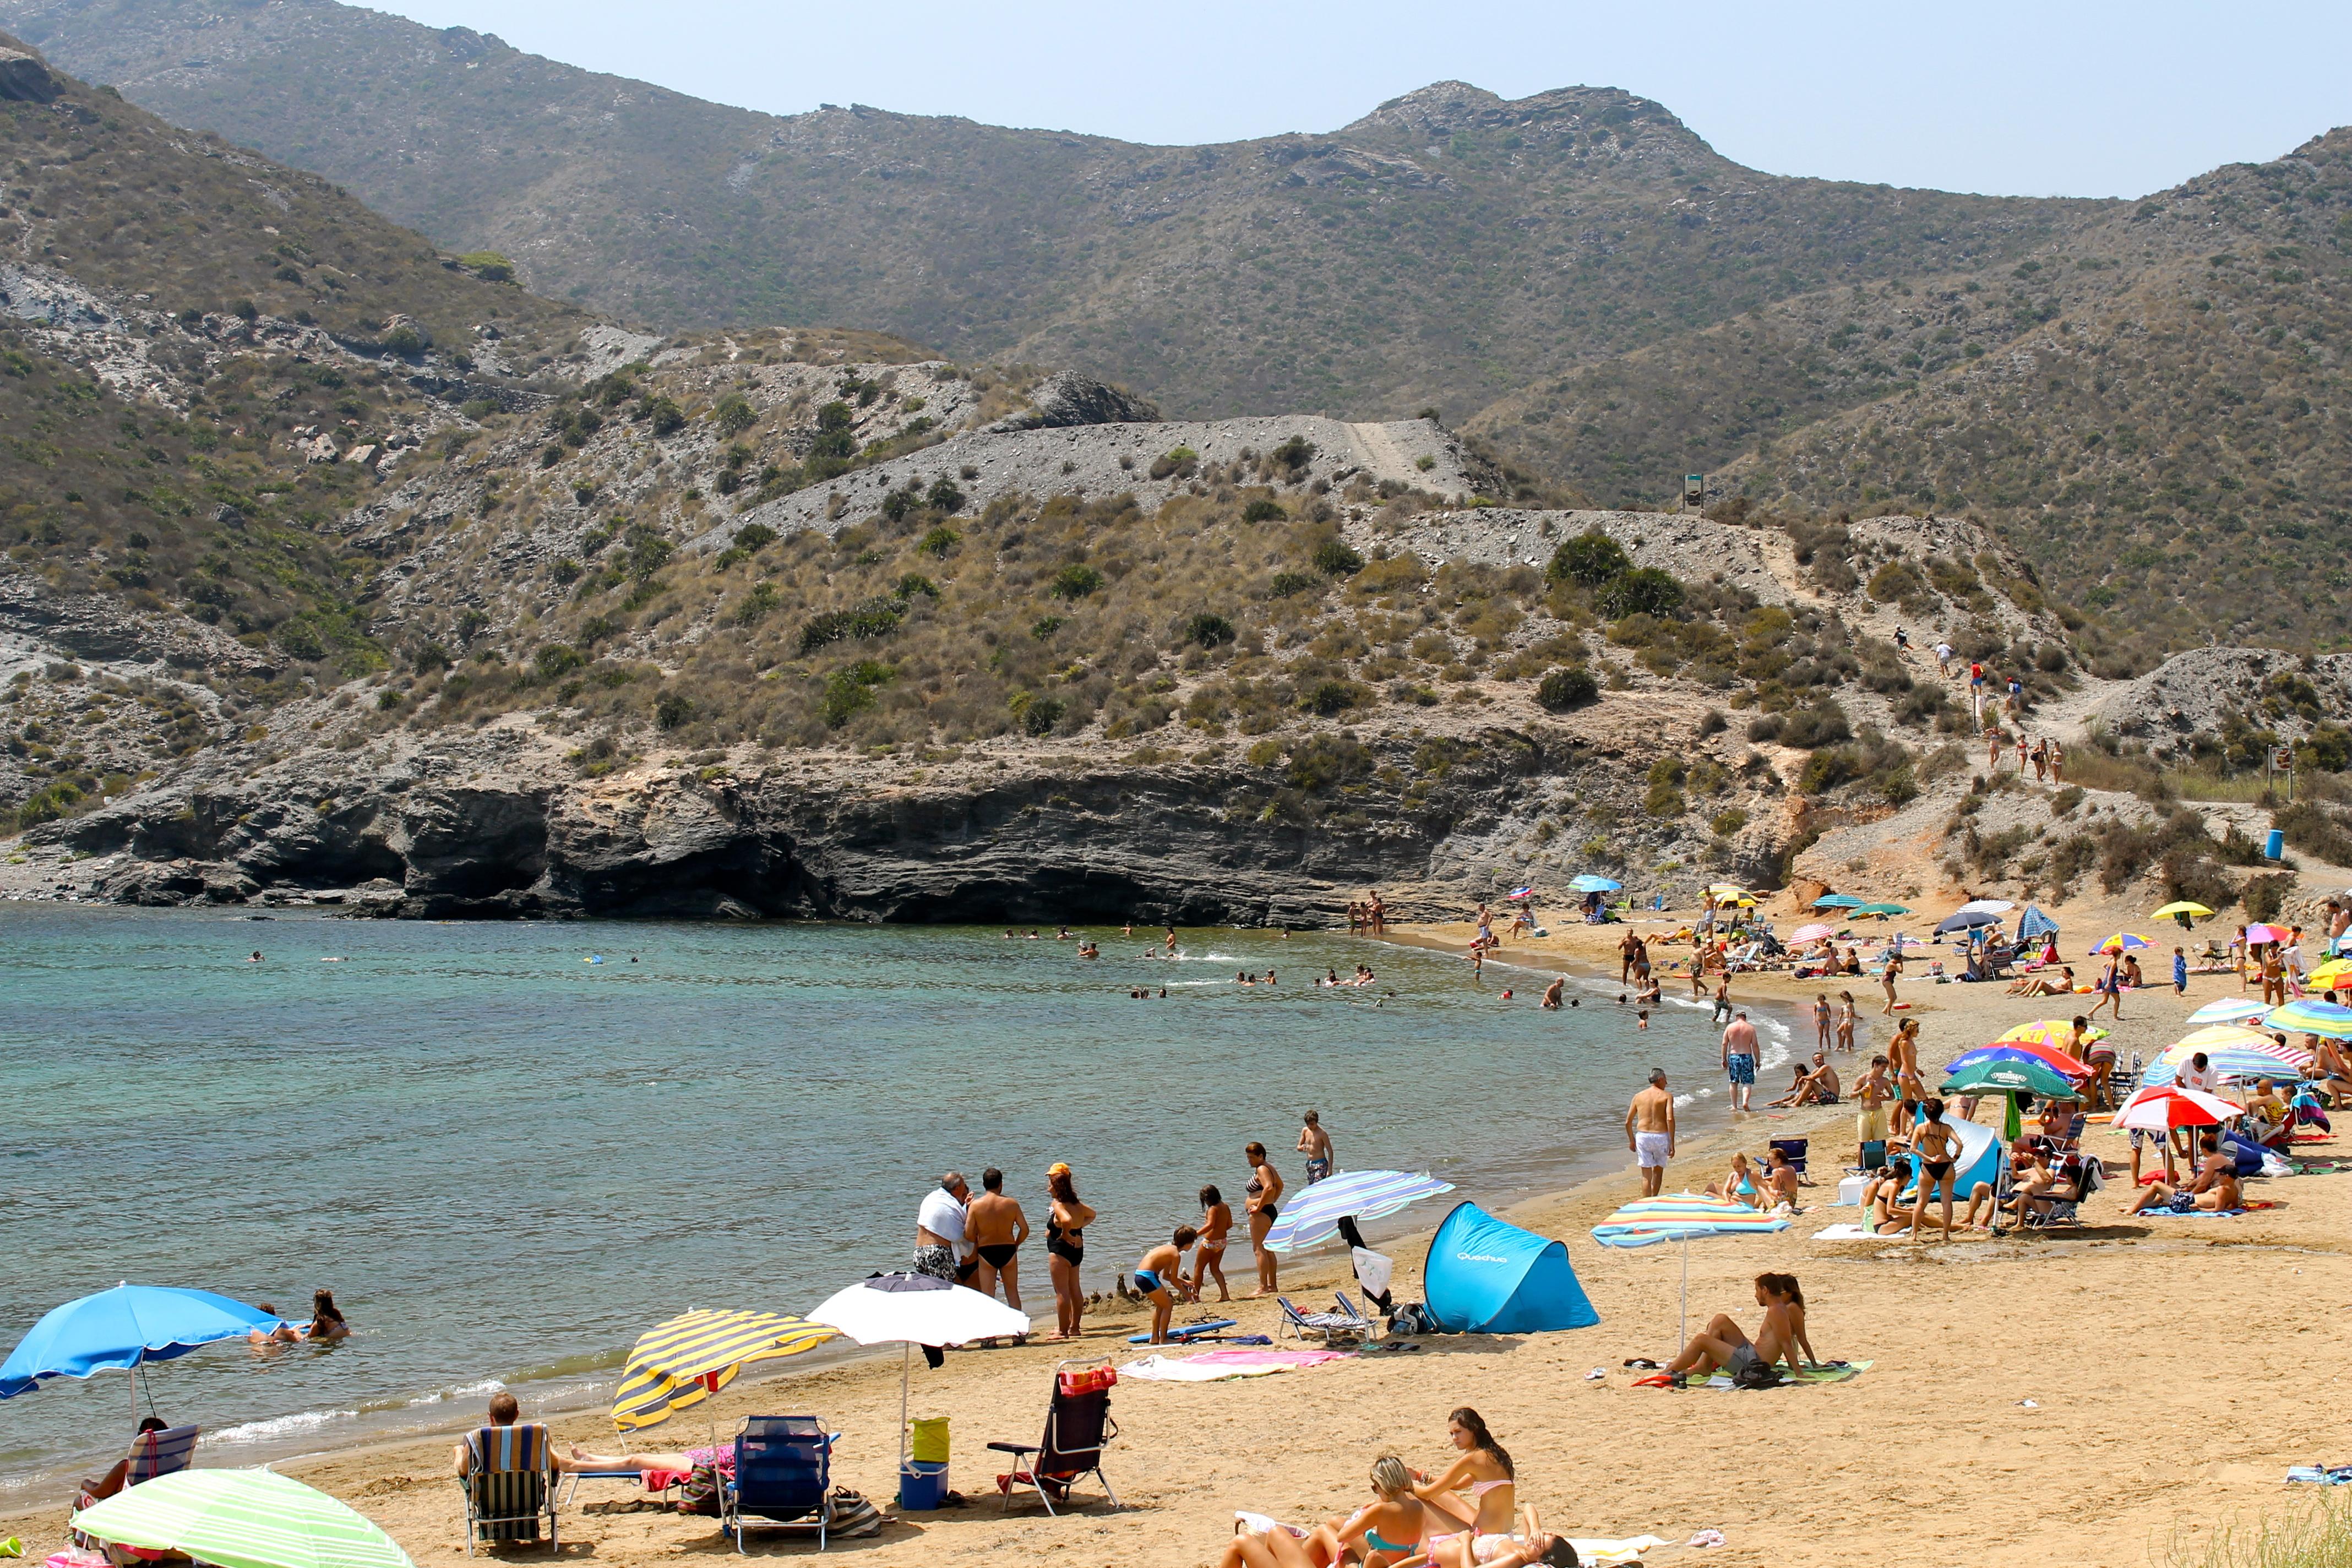 __0005_San-Felice-e-il-Parco-nazionale-del-Circeo—La-costa